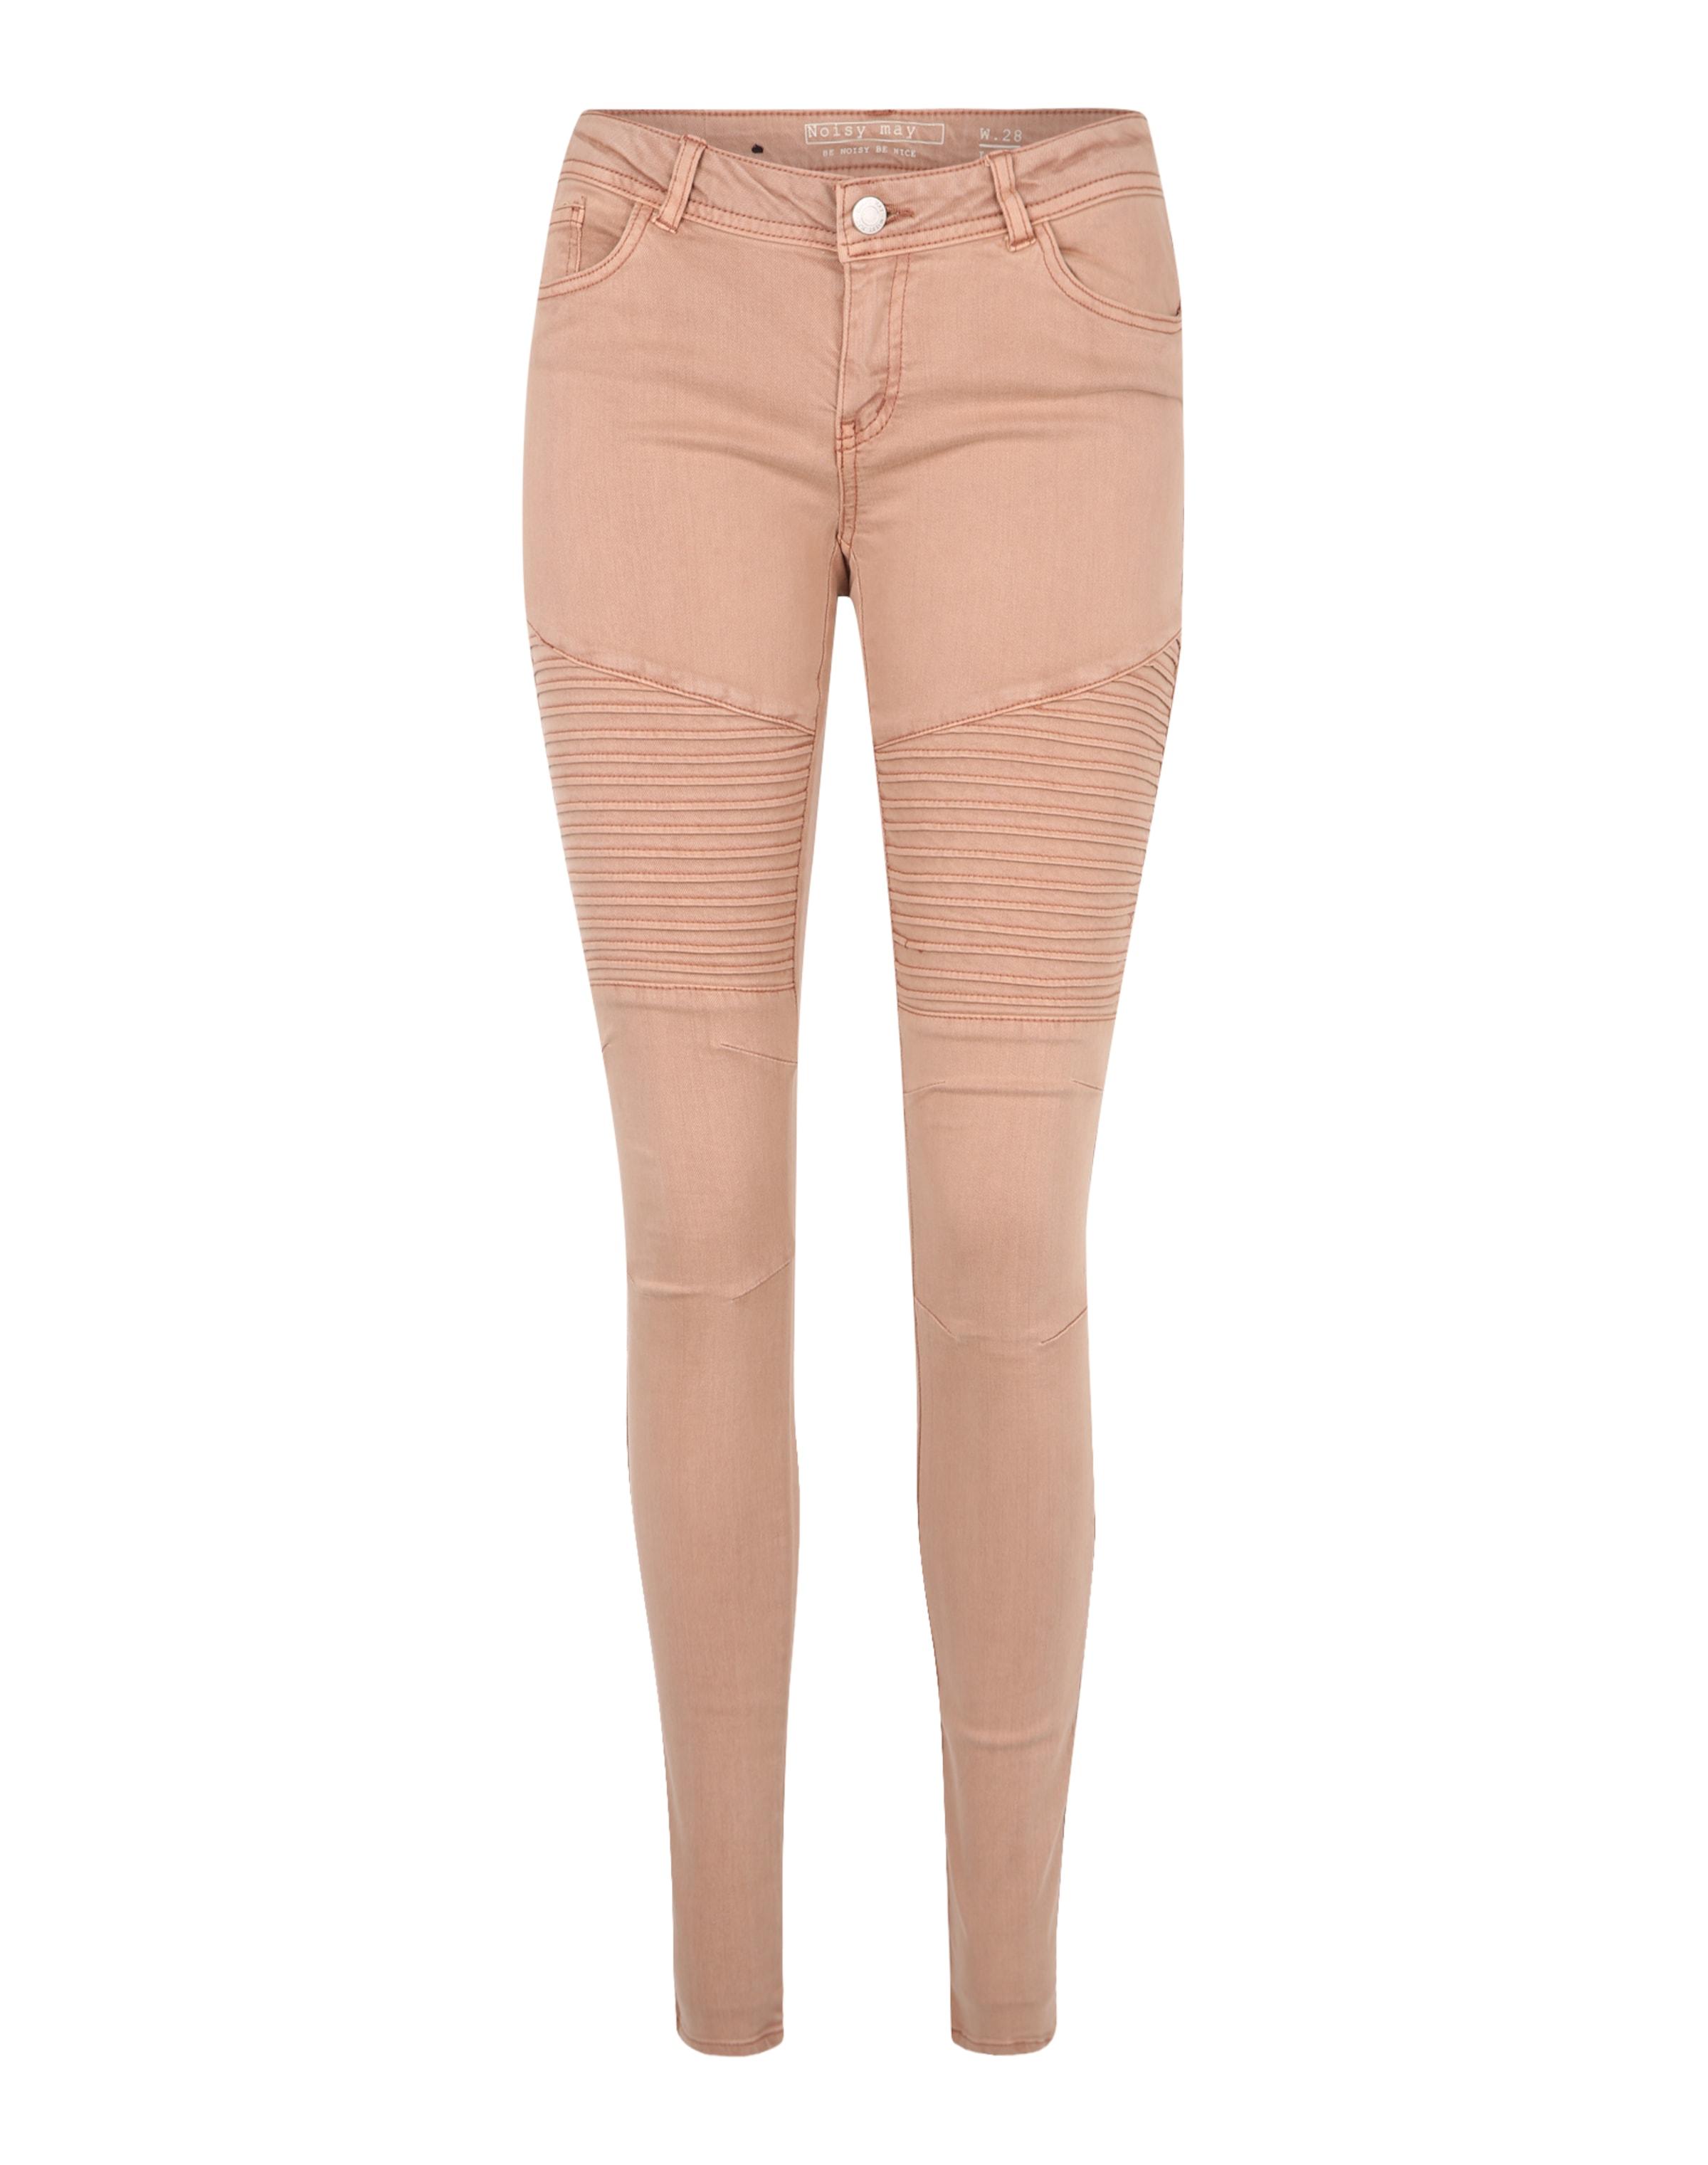 Noisy may Jeans im Biker-Look 'Nmeve' im Super Slim Fit Webseiten Günstig Online Steckdose Versorgungs Billig Ausgezeichnet Online-Shopping Online-Verkauf Billig Verkauf Größte Lieferant dOt8LO